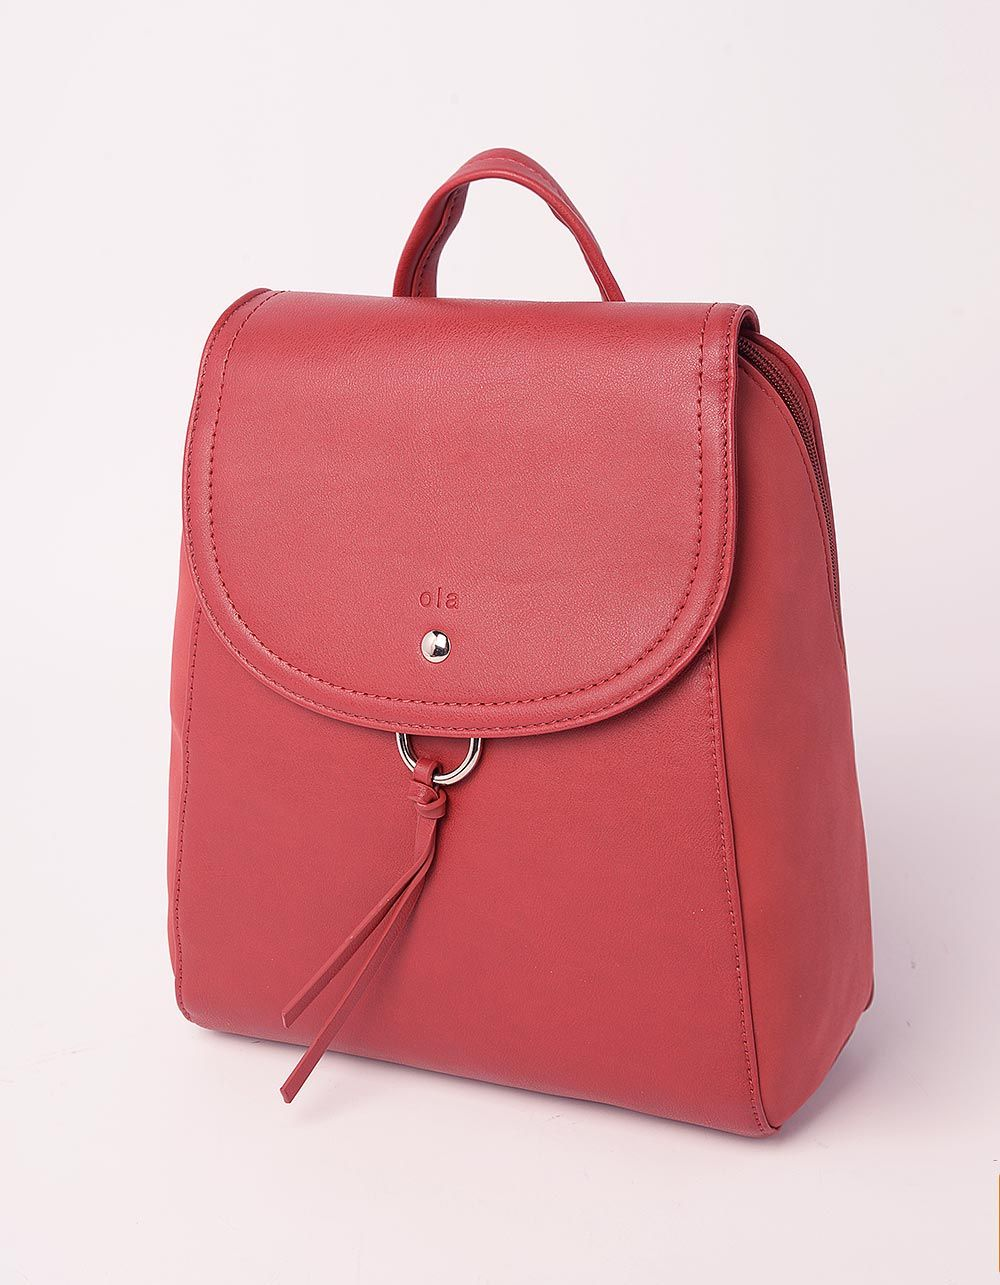 Рюкзак стильний з клапаном | 237552-15-XX